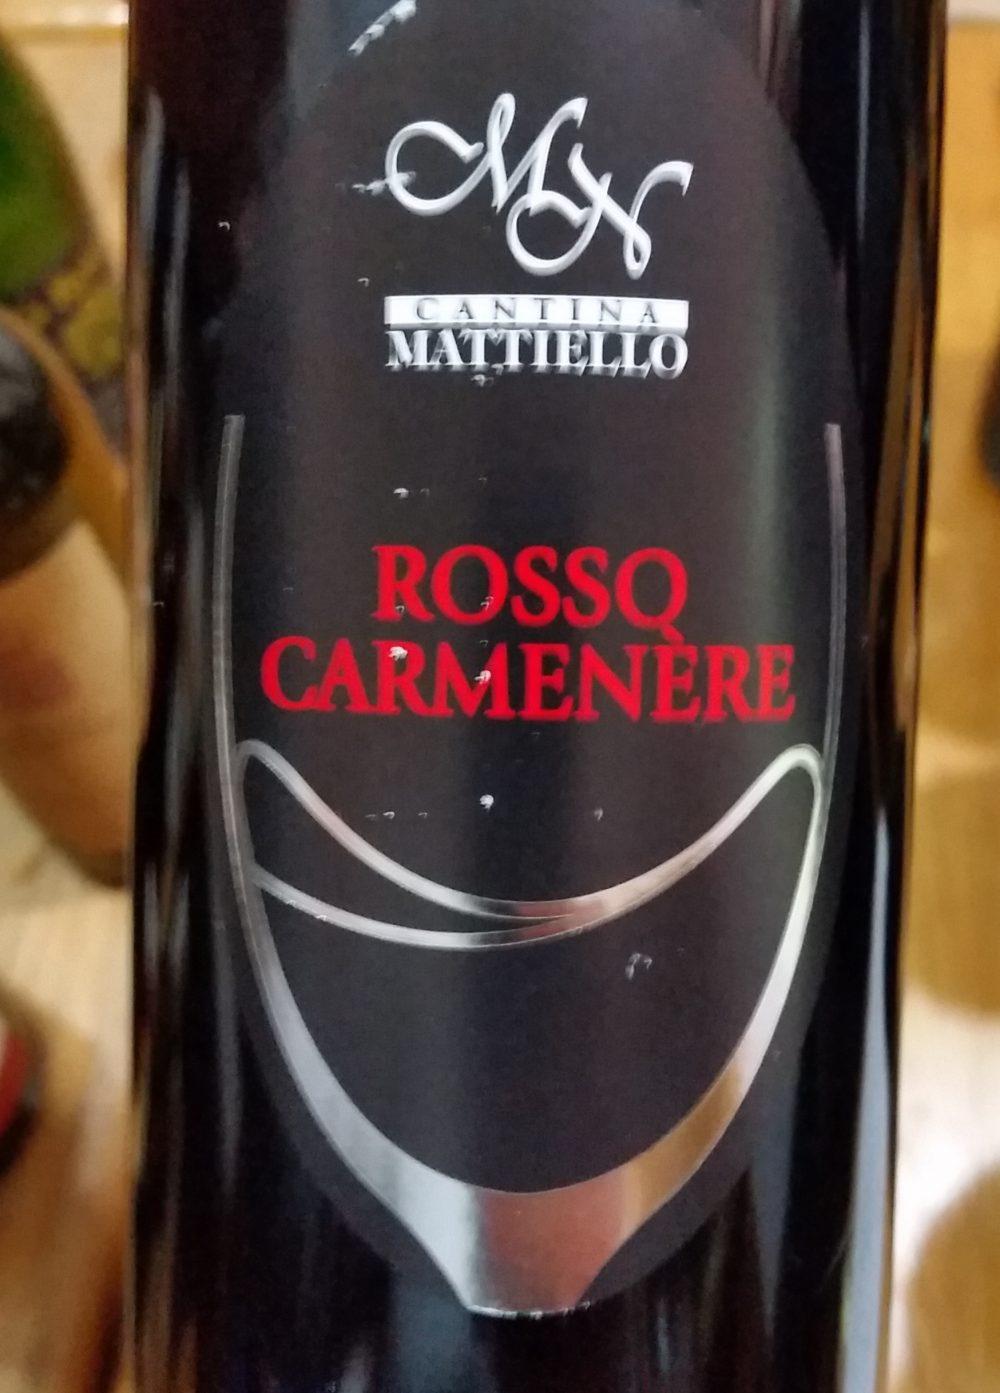 Rosso Carmenere Mattiello 2016